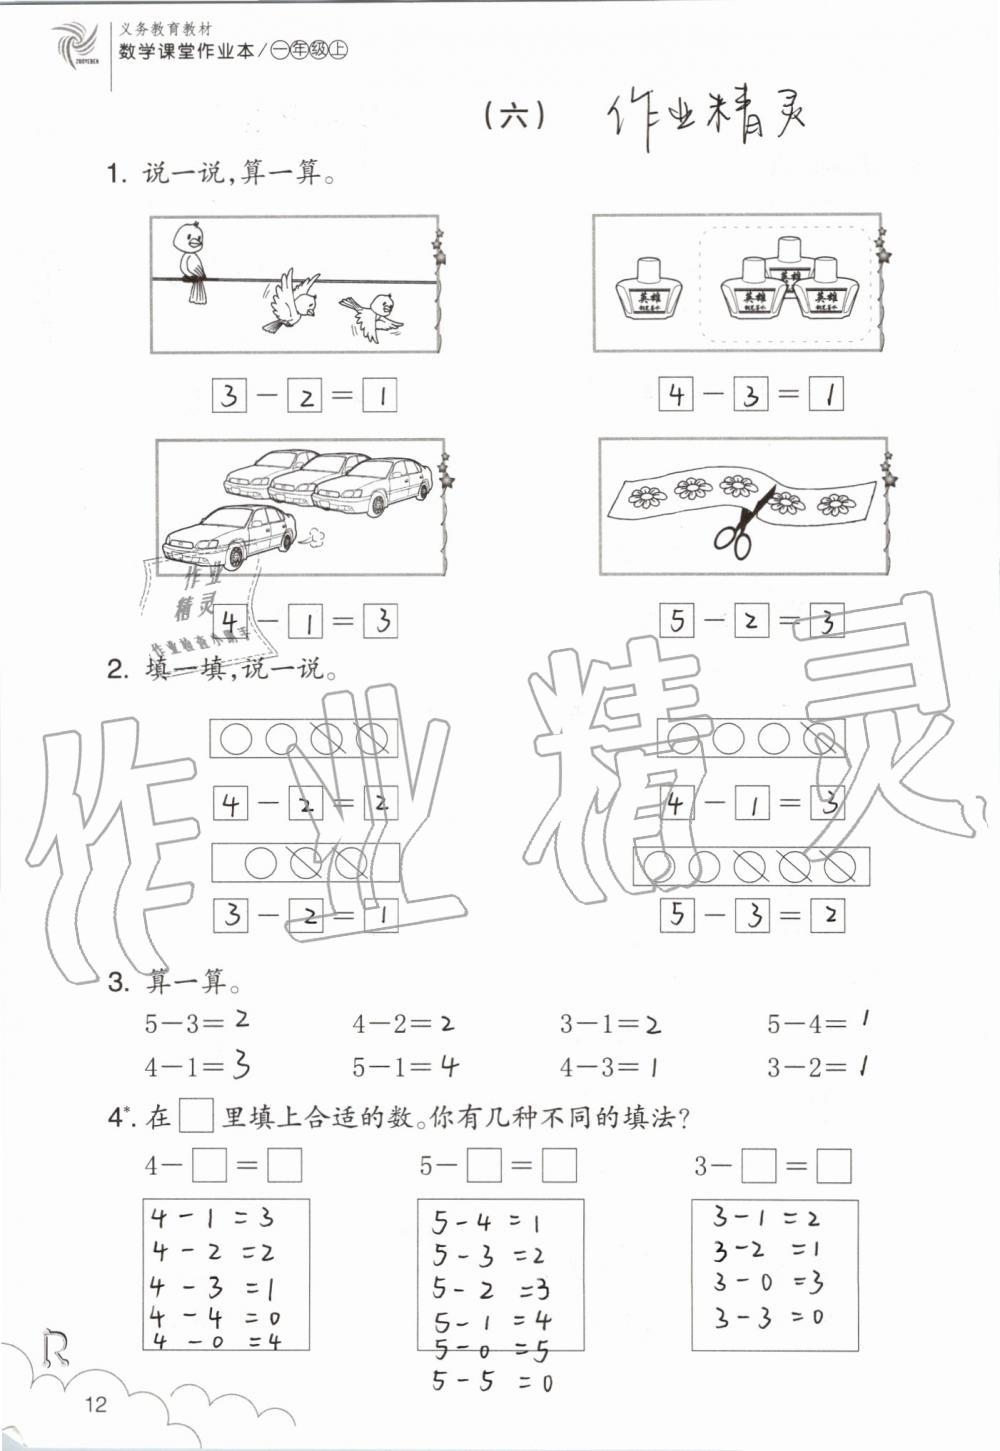 2019年数学课堂作业本一年级上册人教版浙江教育出版社第12页